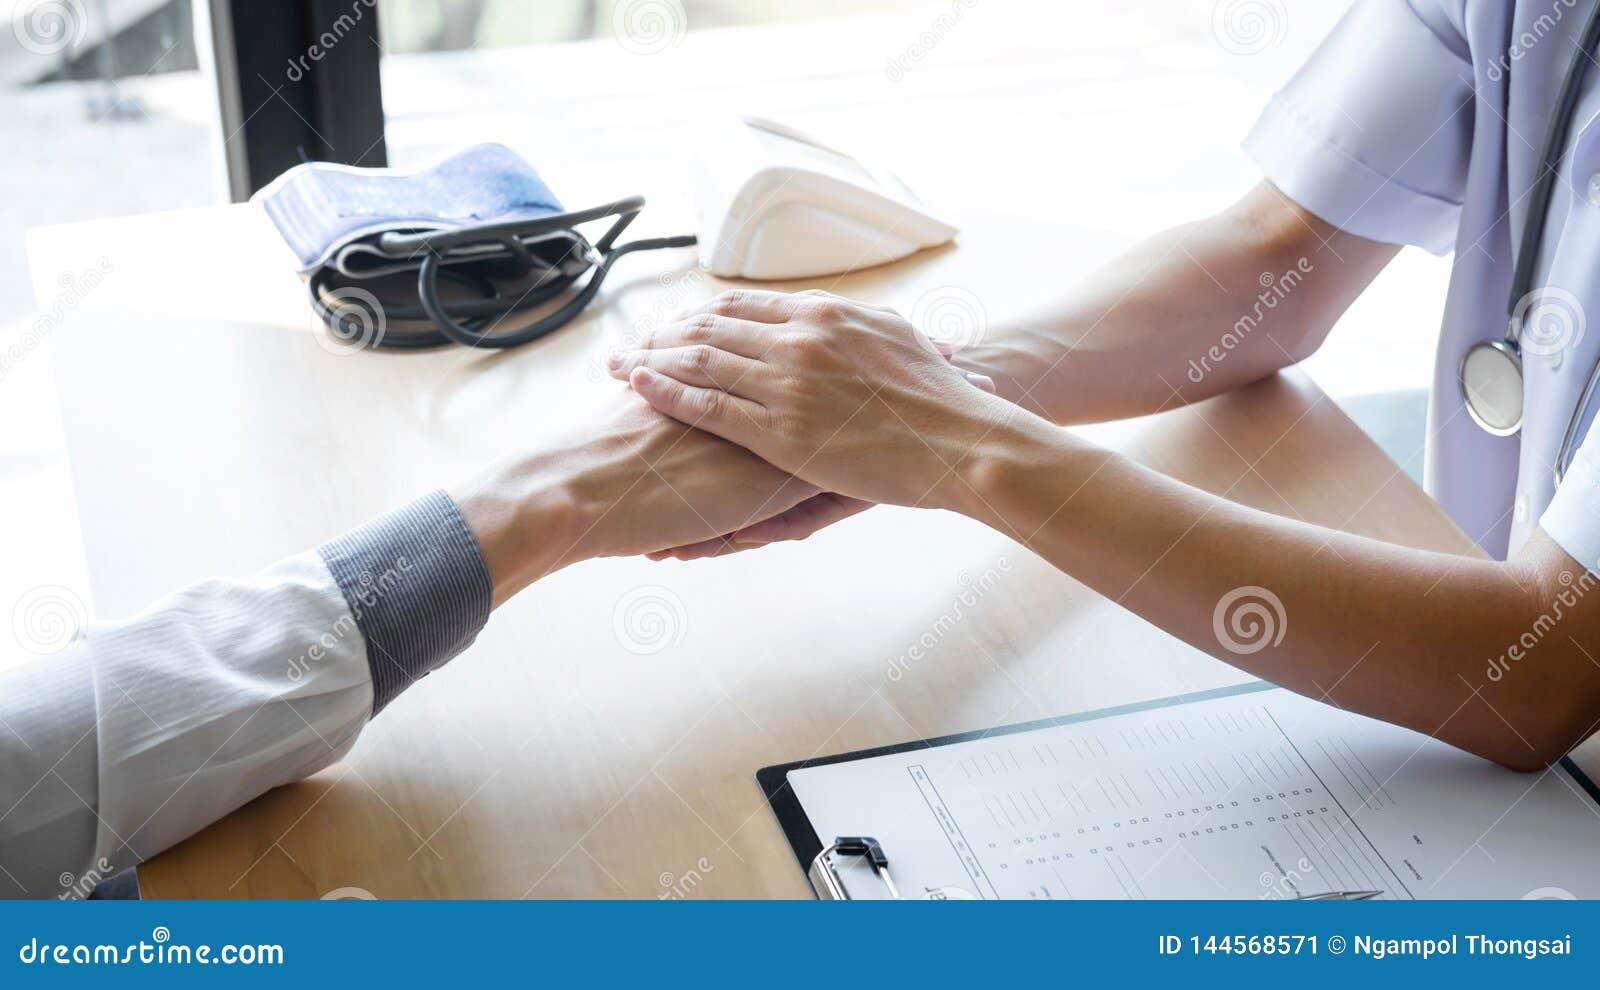 握患者的手的医生的图象鼓励,谈话与耐心欢呼和支持